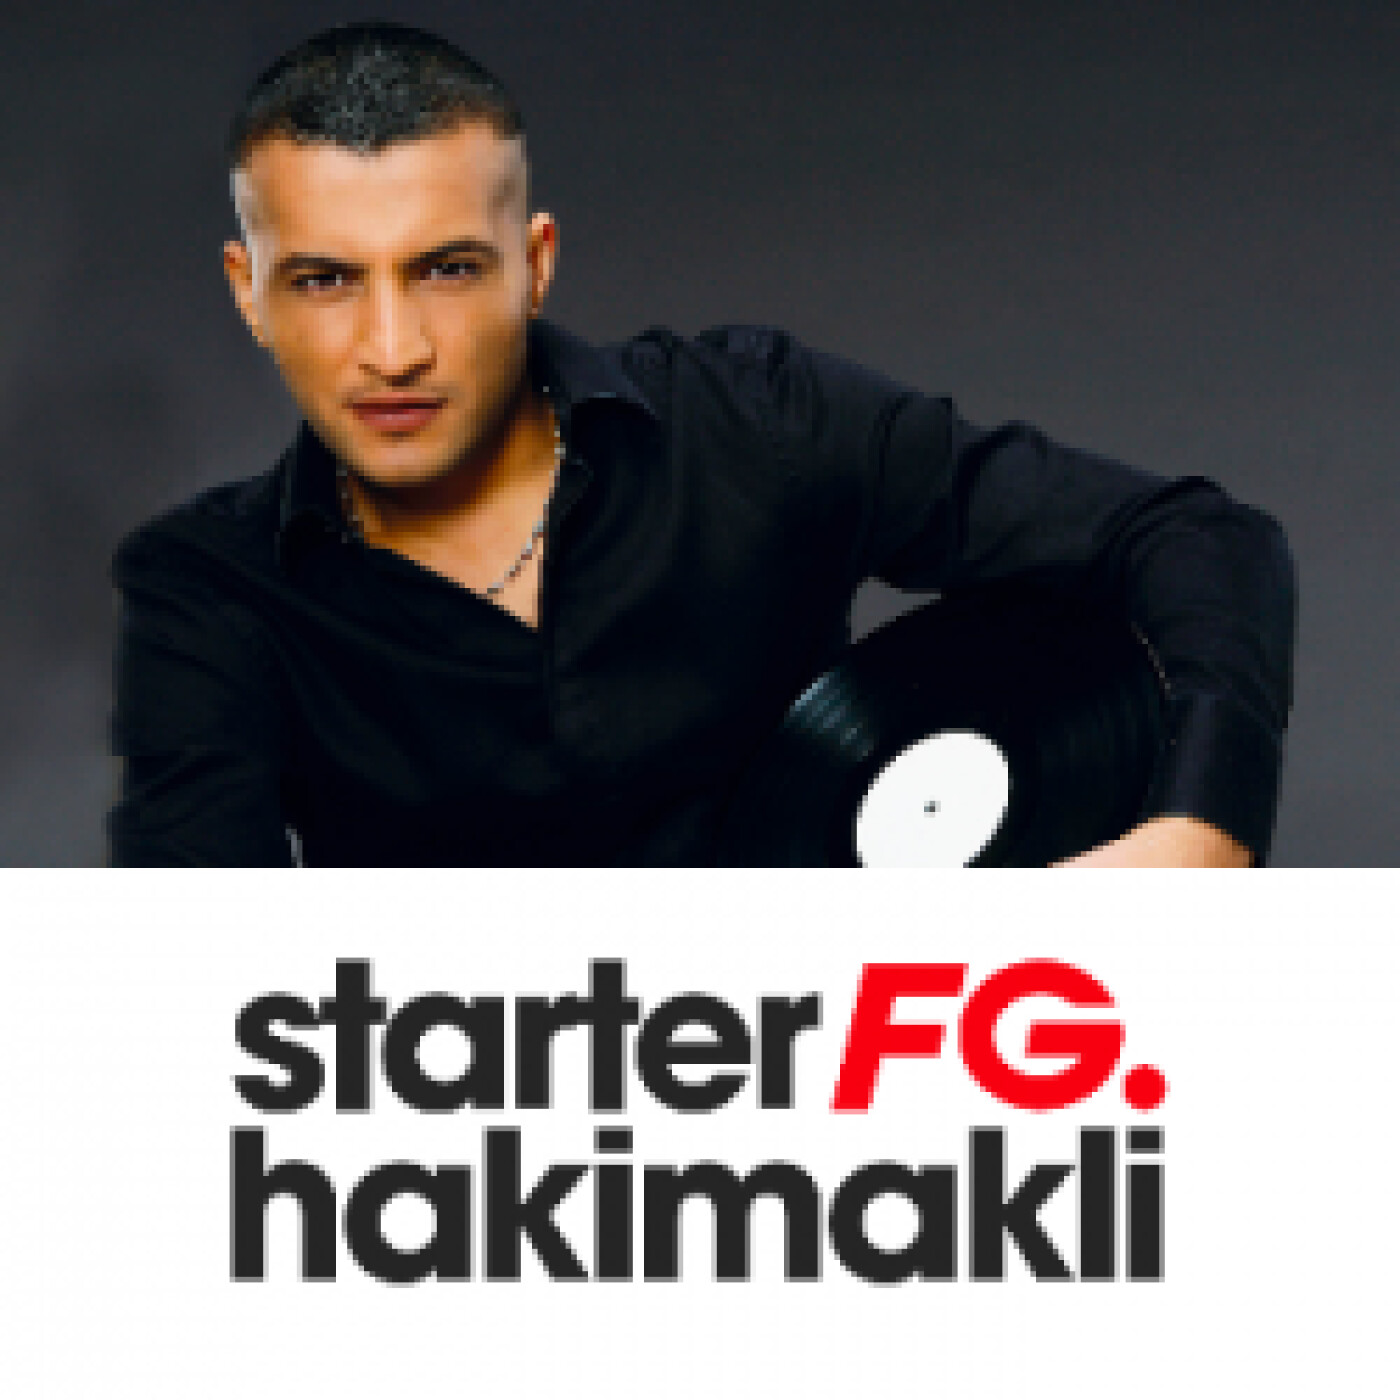 STARTER FG BY HAKIMAKLI LUNDI 8 MARS 2021